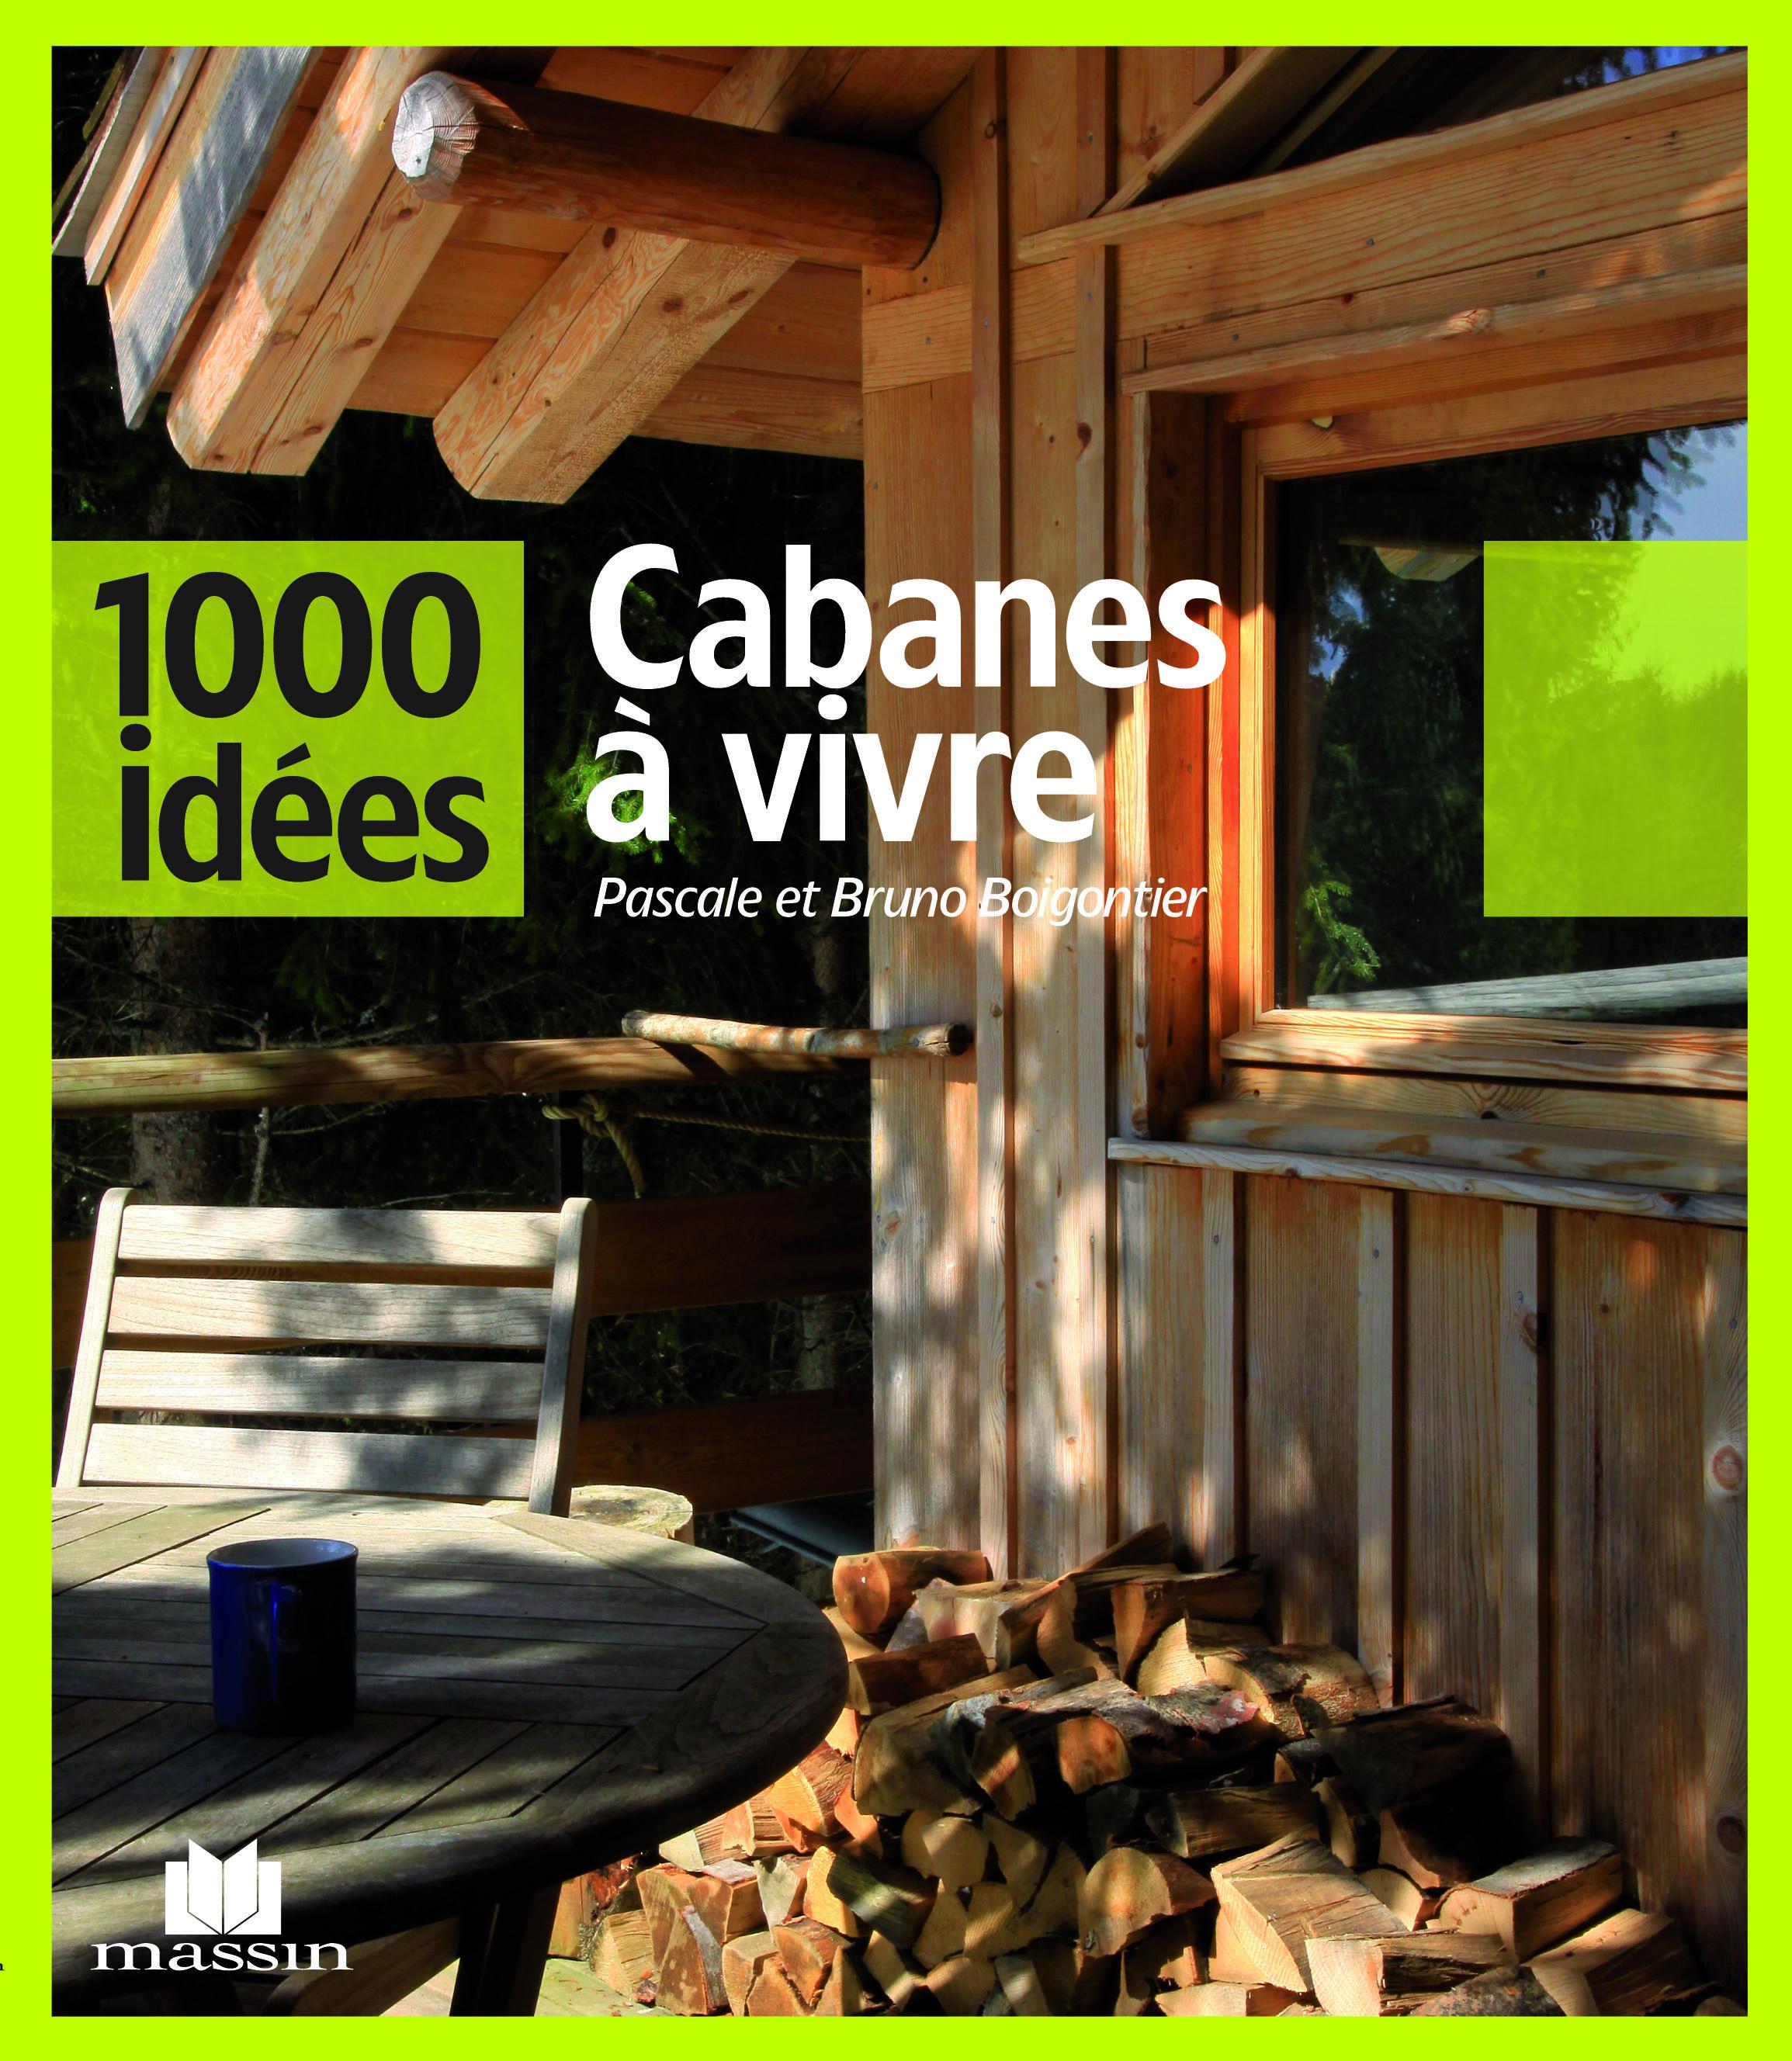 CABANES A VIVRE 1000 IDEES